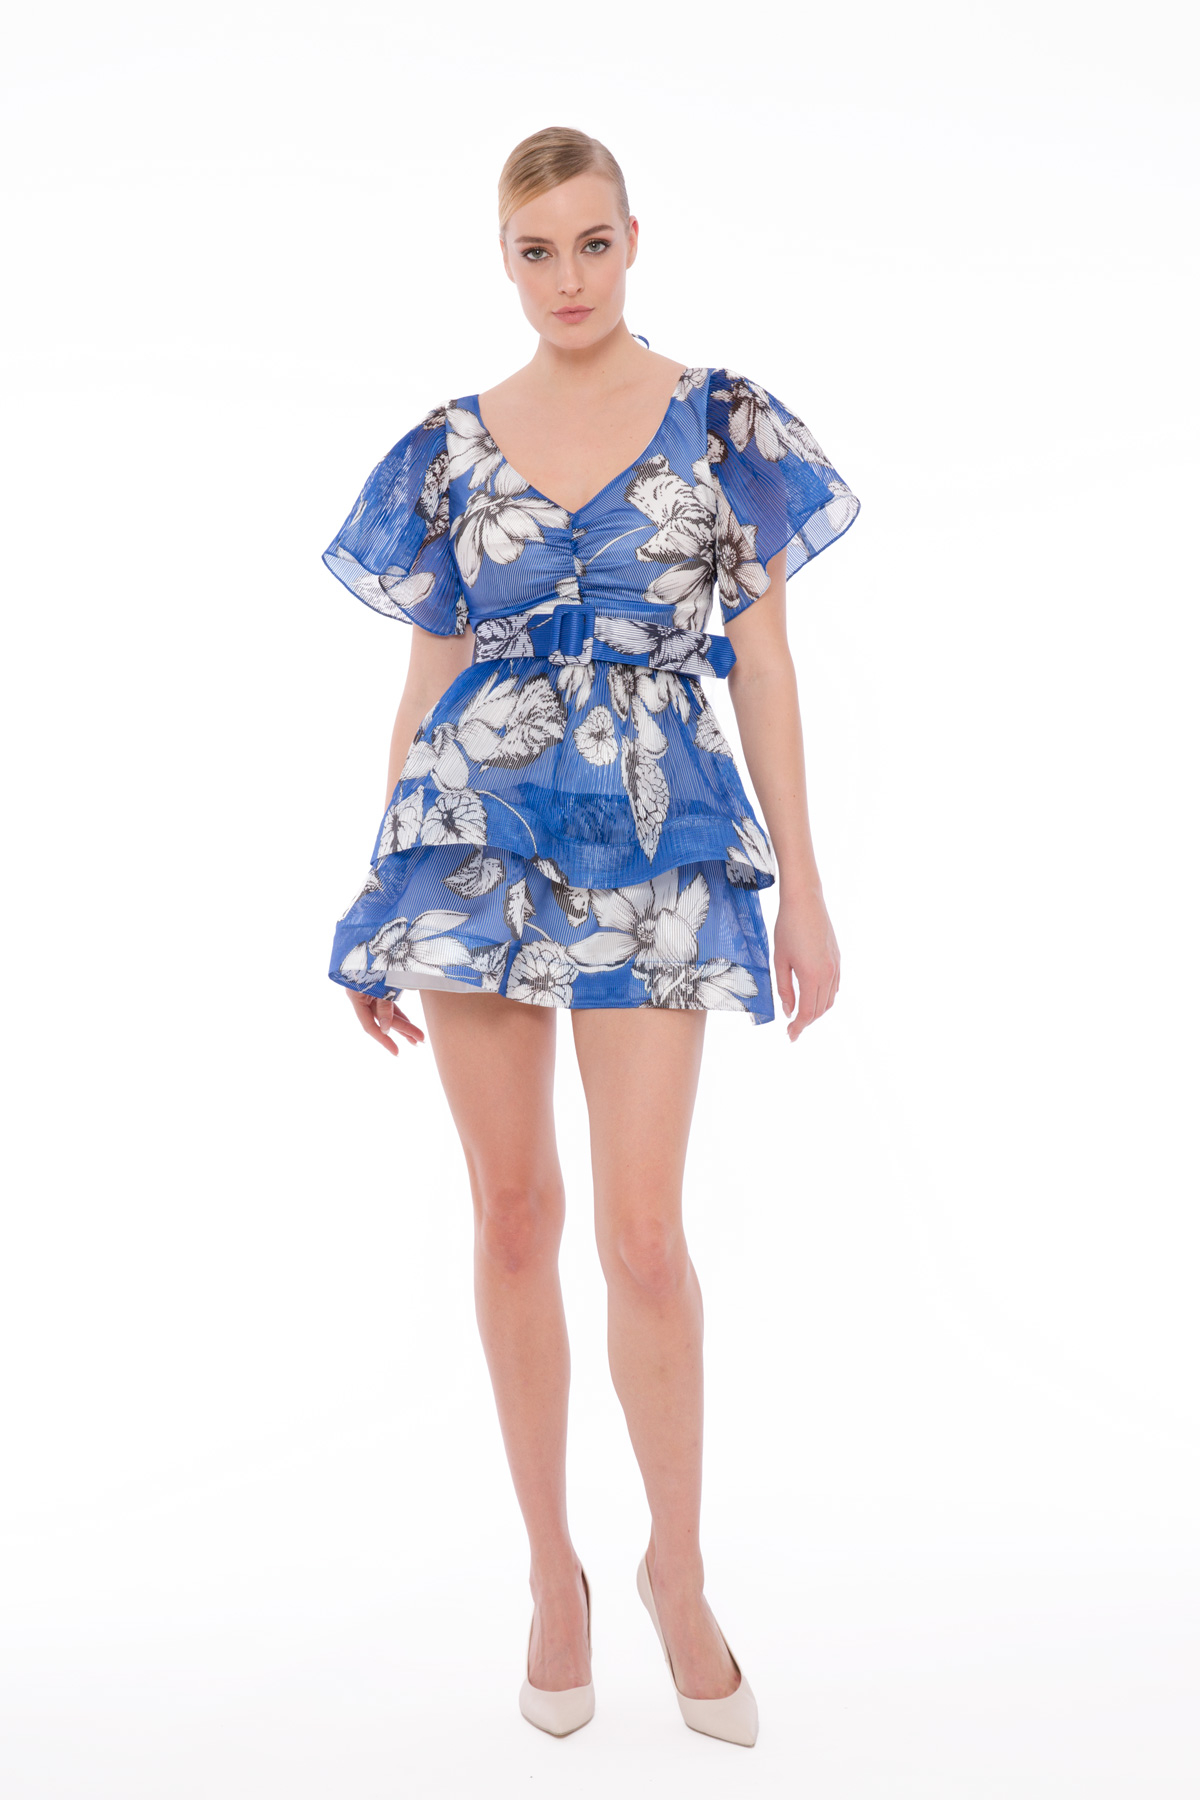 Godeli Transparan Çiçekli Mini Elbise